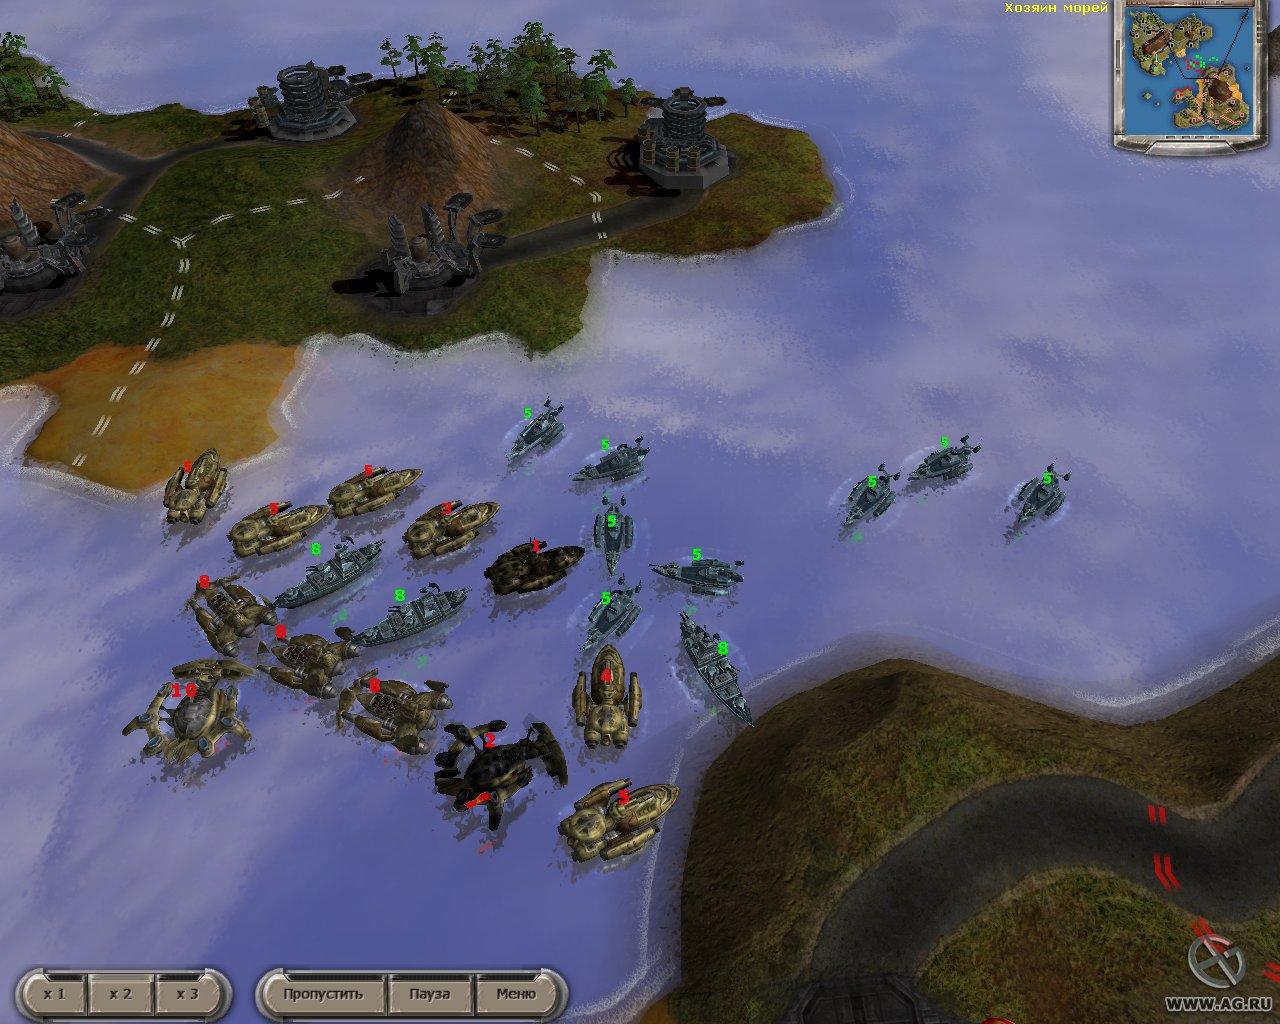 Скриншоты для игры Massive Assault Расцвет Лиги.